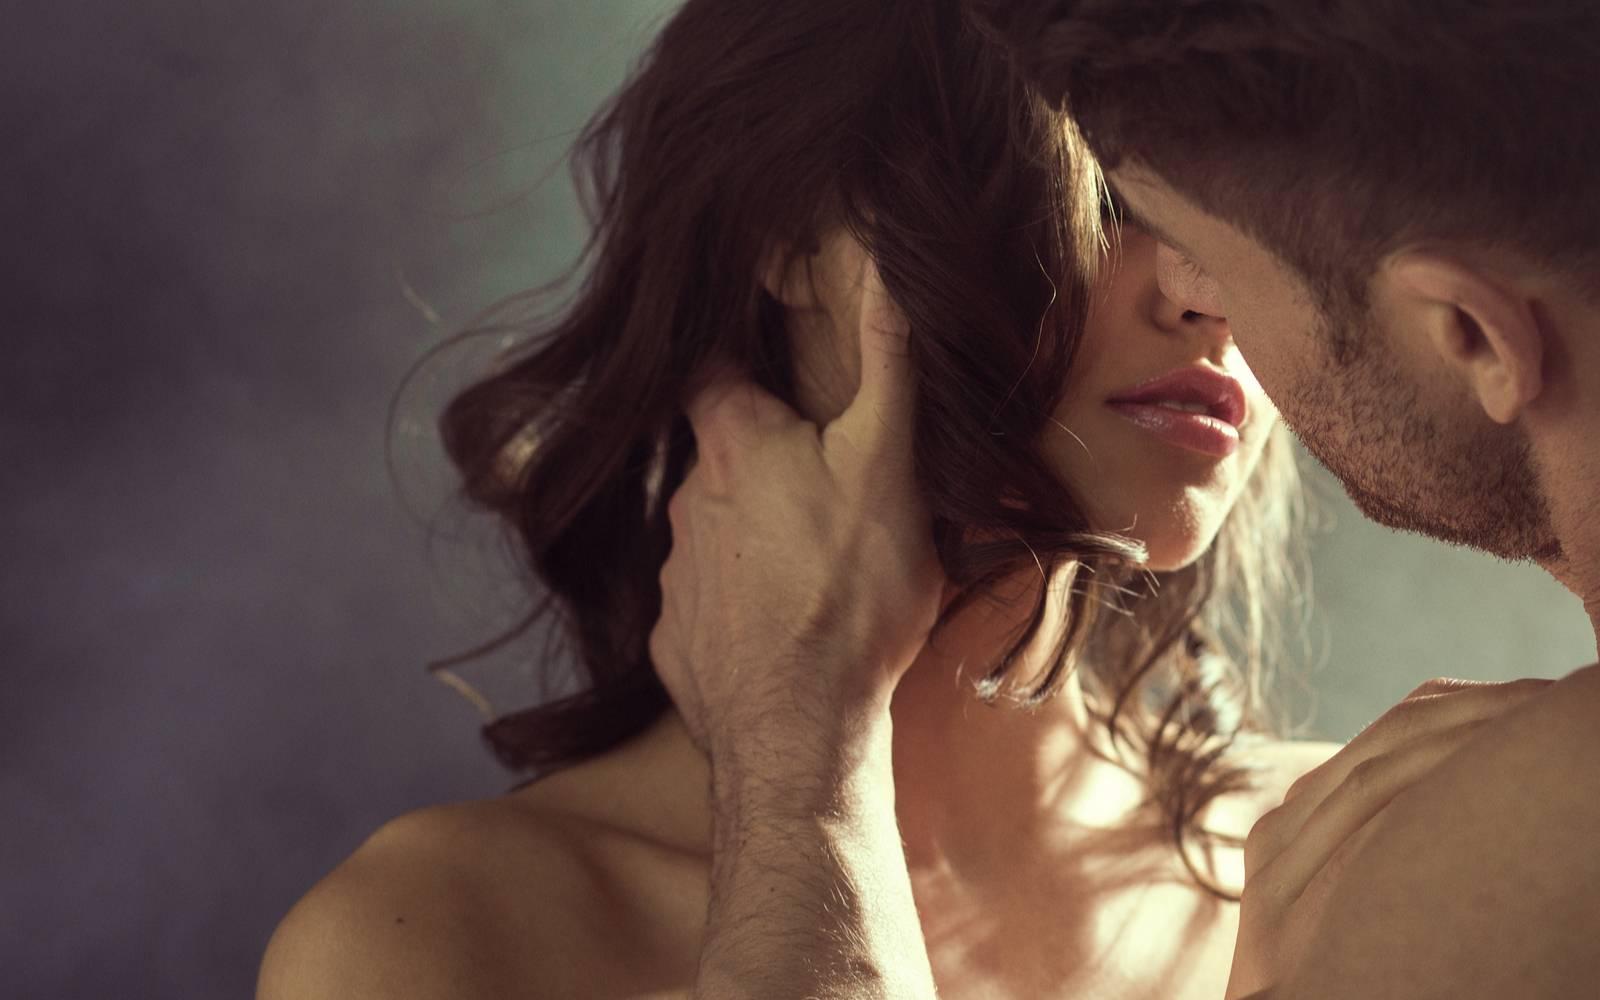 Máte sny o někom, do koho jste zbláznění? Nic si z toho nedělejte, je to zcela normální